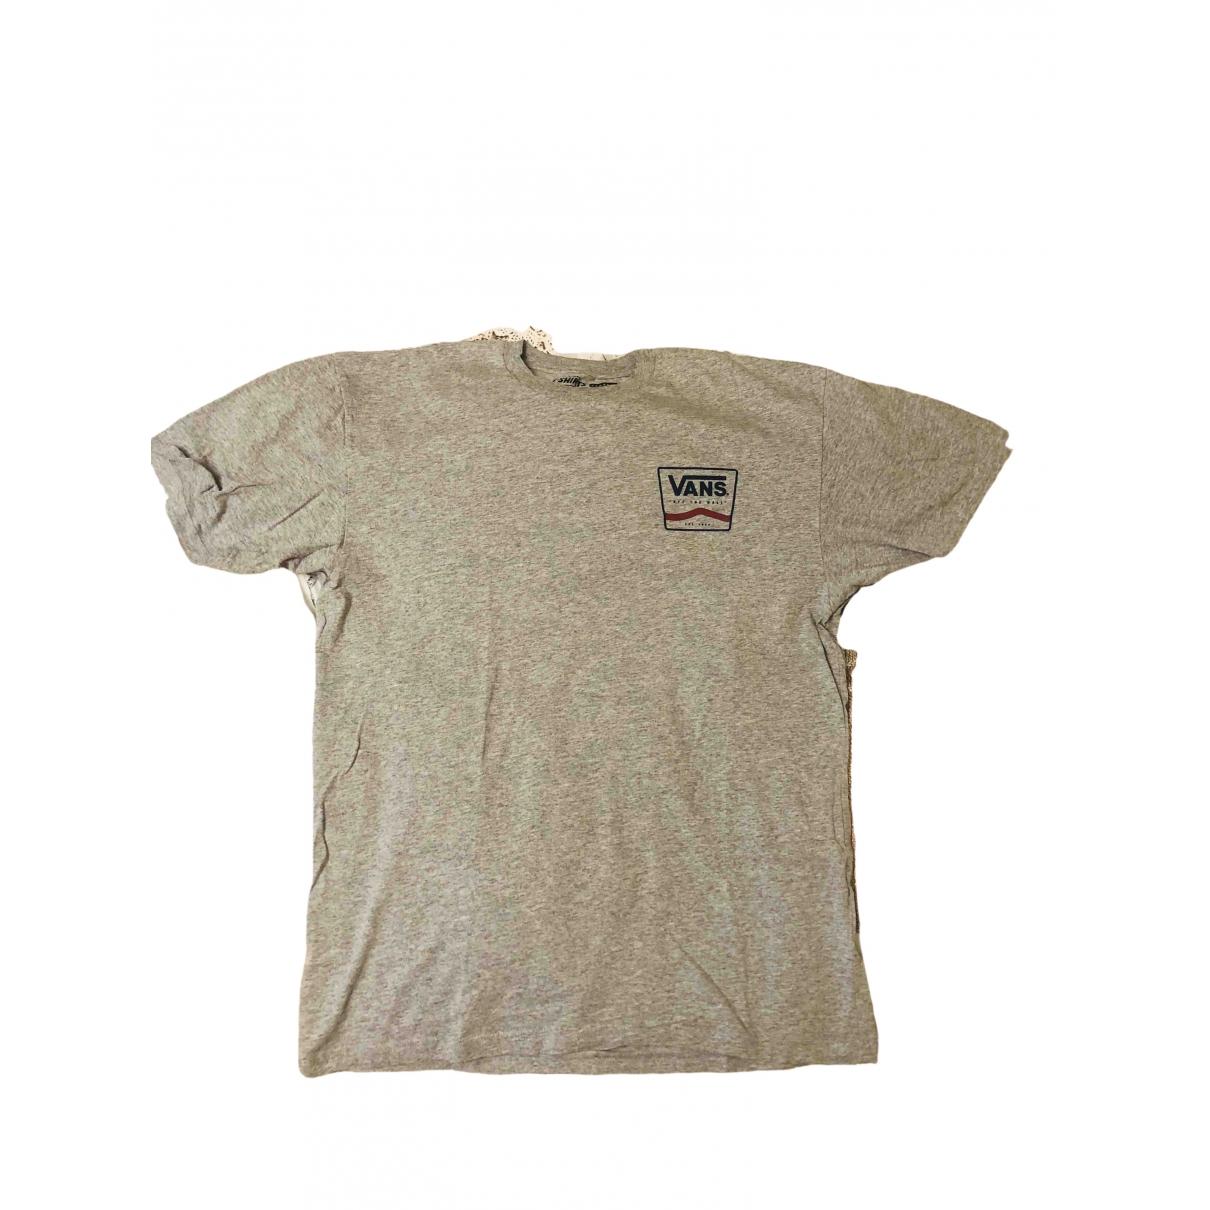 Vans - Tee shirts   pour homme en coton - gris